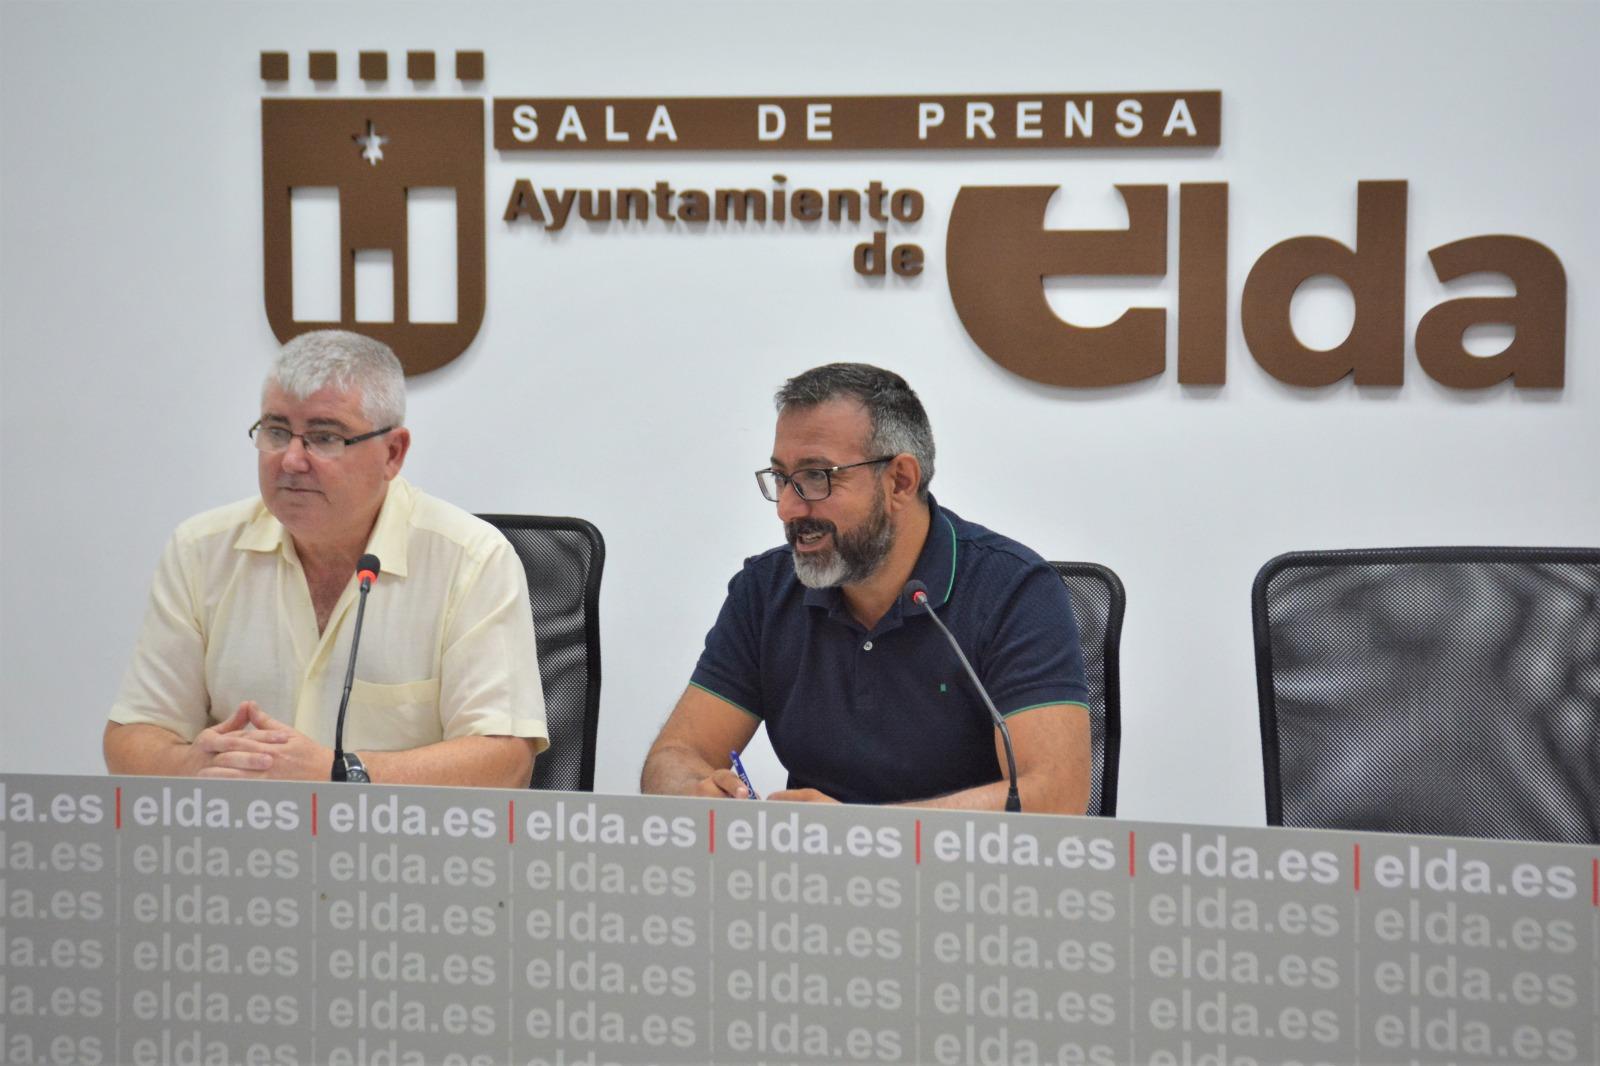 El Ayuntamiento de Elda sustituirá las luminarias de la zona Trinquete y Cruz Roja por tecnología LED